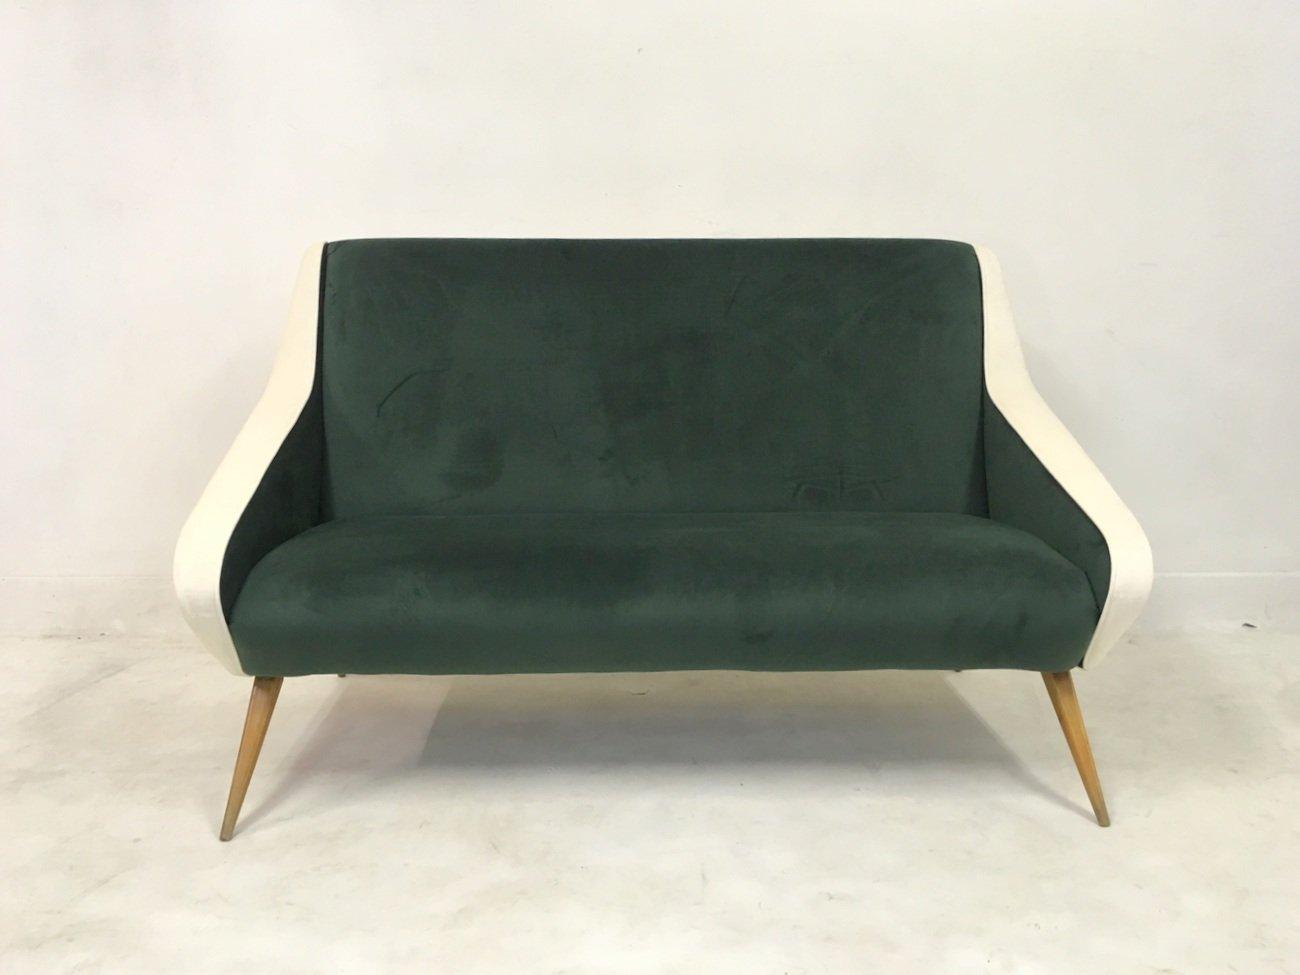 Faszinierend Sofa Grün Galerie Von Italienisches Samt In Grün & Weiß, 1950er